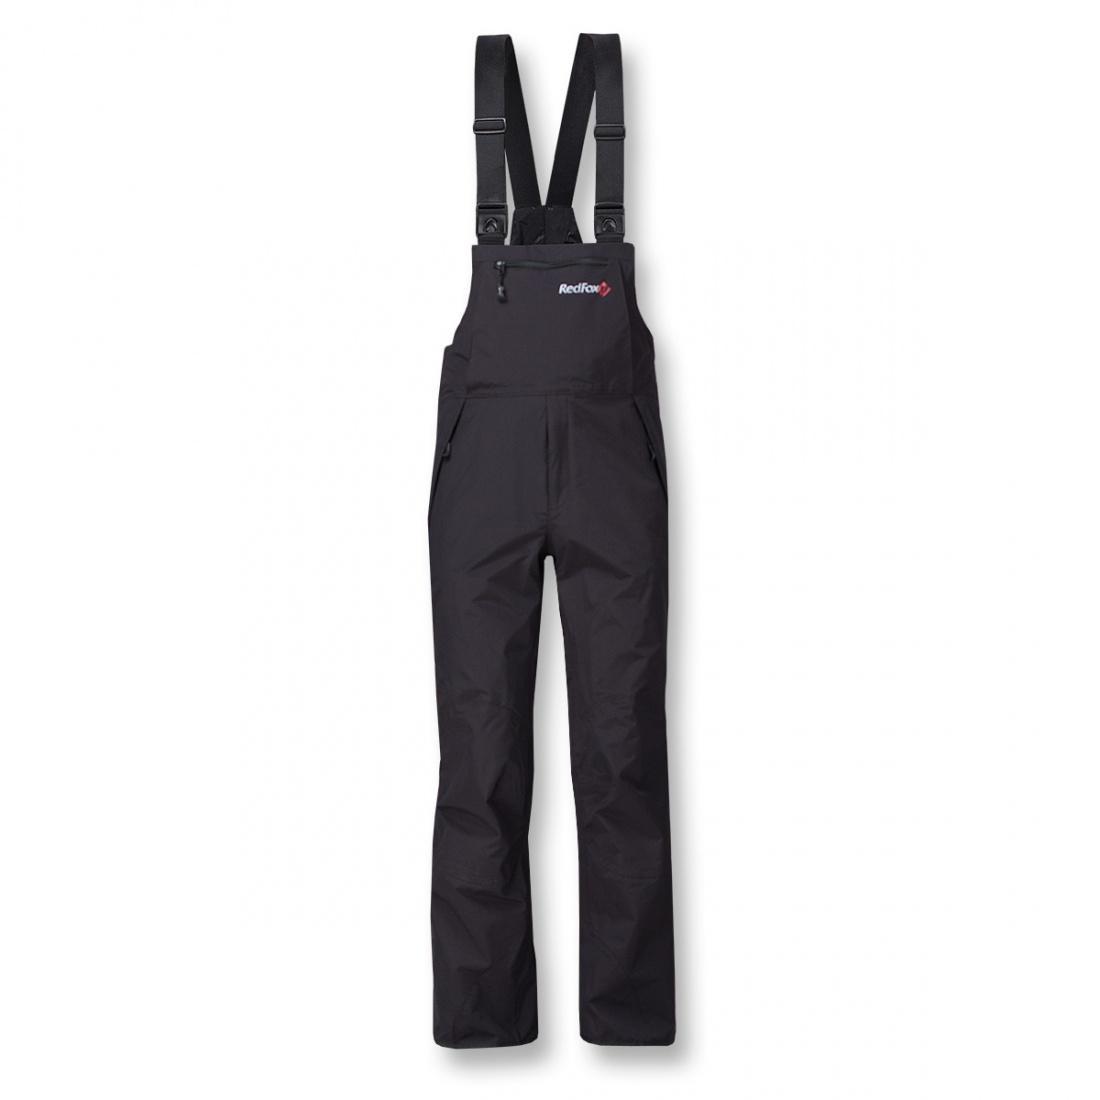 Брюки ветрозащитные Mont BlancБрюки, штаны<br>Штормовой полукомбинезон из серия Mountain Sport. Разъемные двухзамковые молнии по всей длине боковых швов позволят снять и надеть полукомбинезон, не снимая обуви.  <br> <br><br>Материал – Dry Factor 1000.<br>Проклеенные швы.<br>&lt;li...<br><br>Цвет: Черный<br>Размер: 52